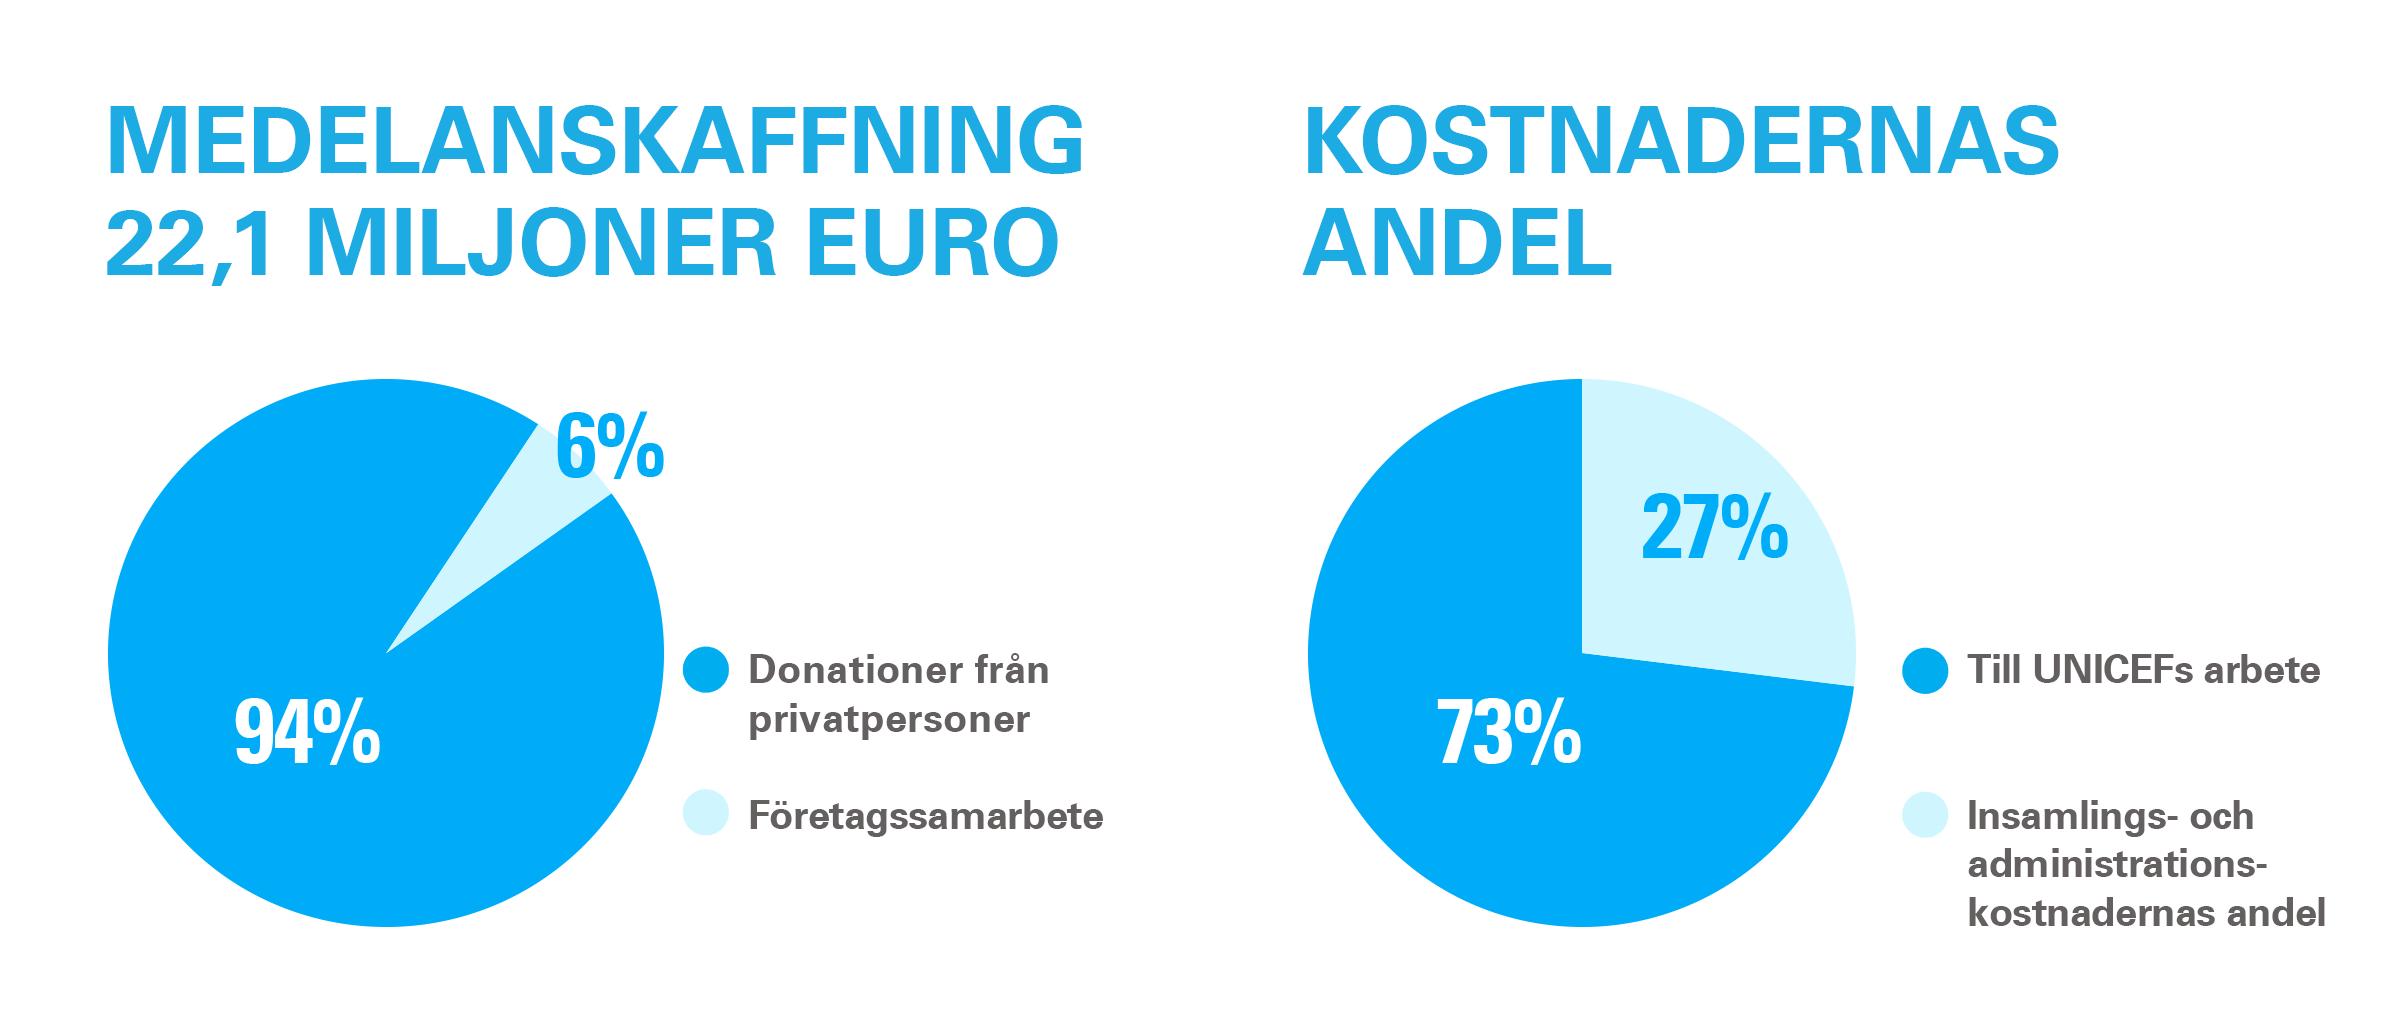 Grafik om insamlingskostnader